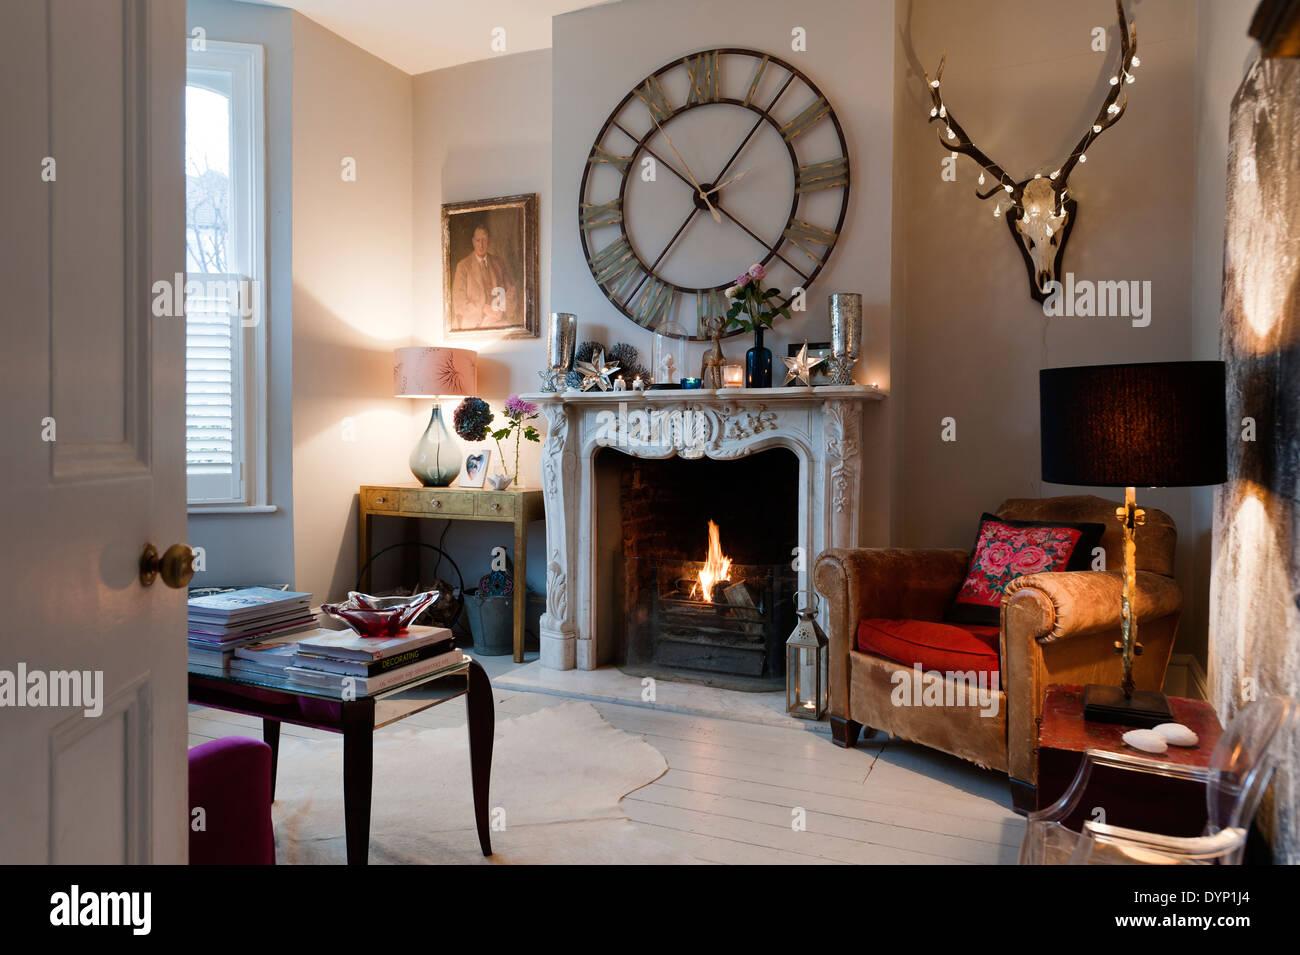 Eine graham und gr n steeple wanduhr ber eine kunstvoll for Wohnzimmer ledersessel